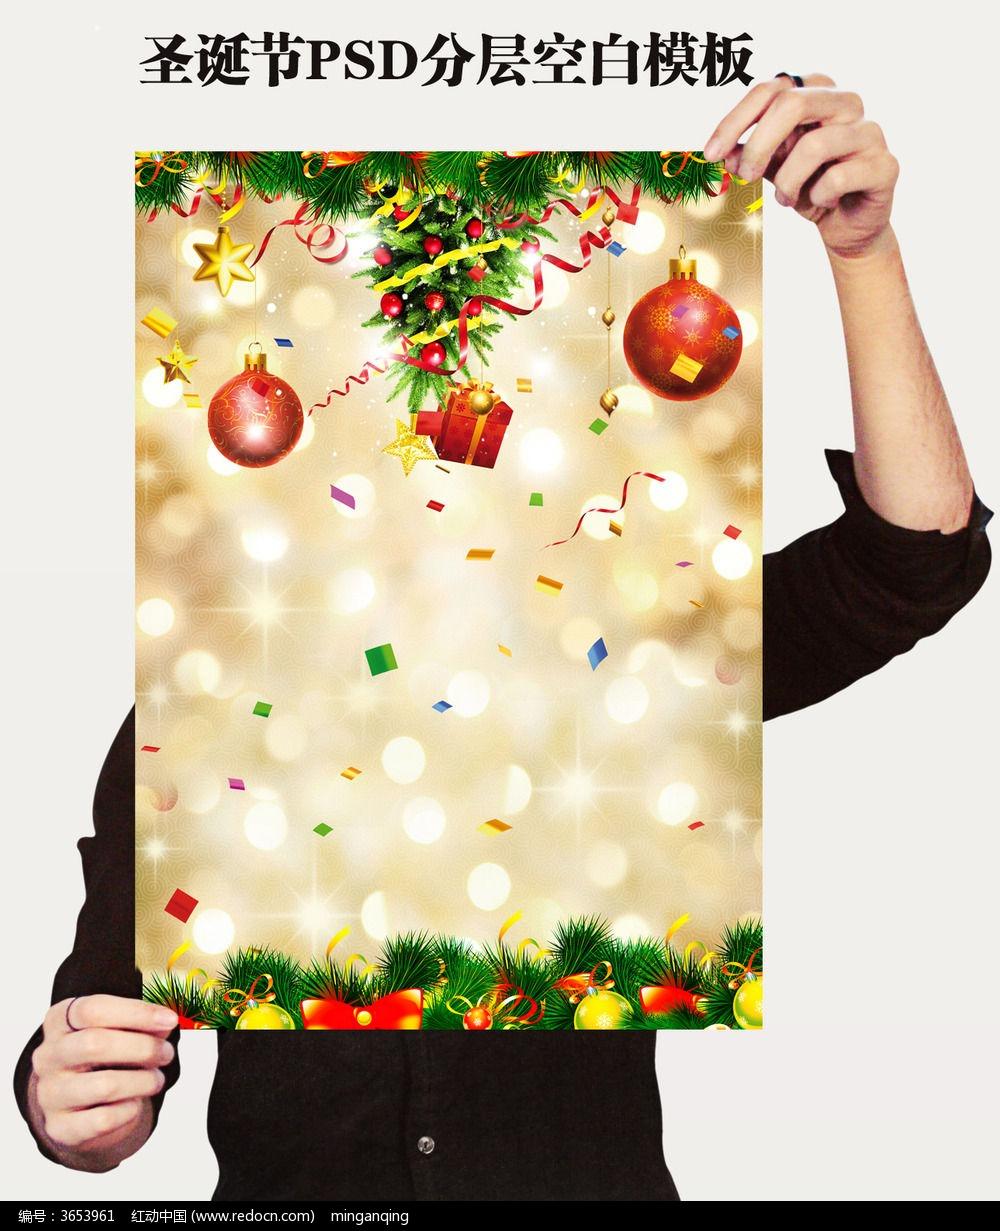 圣诞节空白背景海报模板